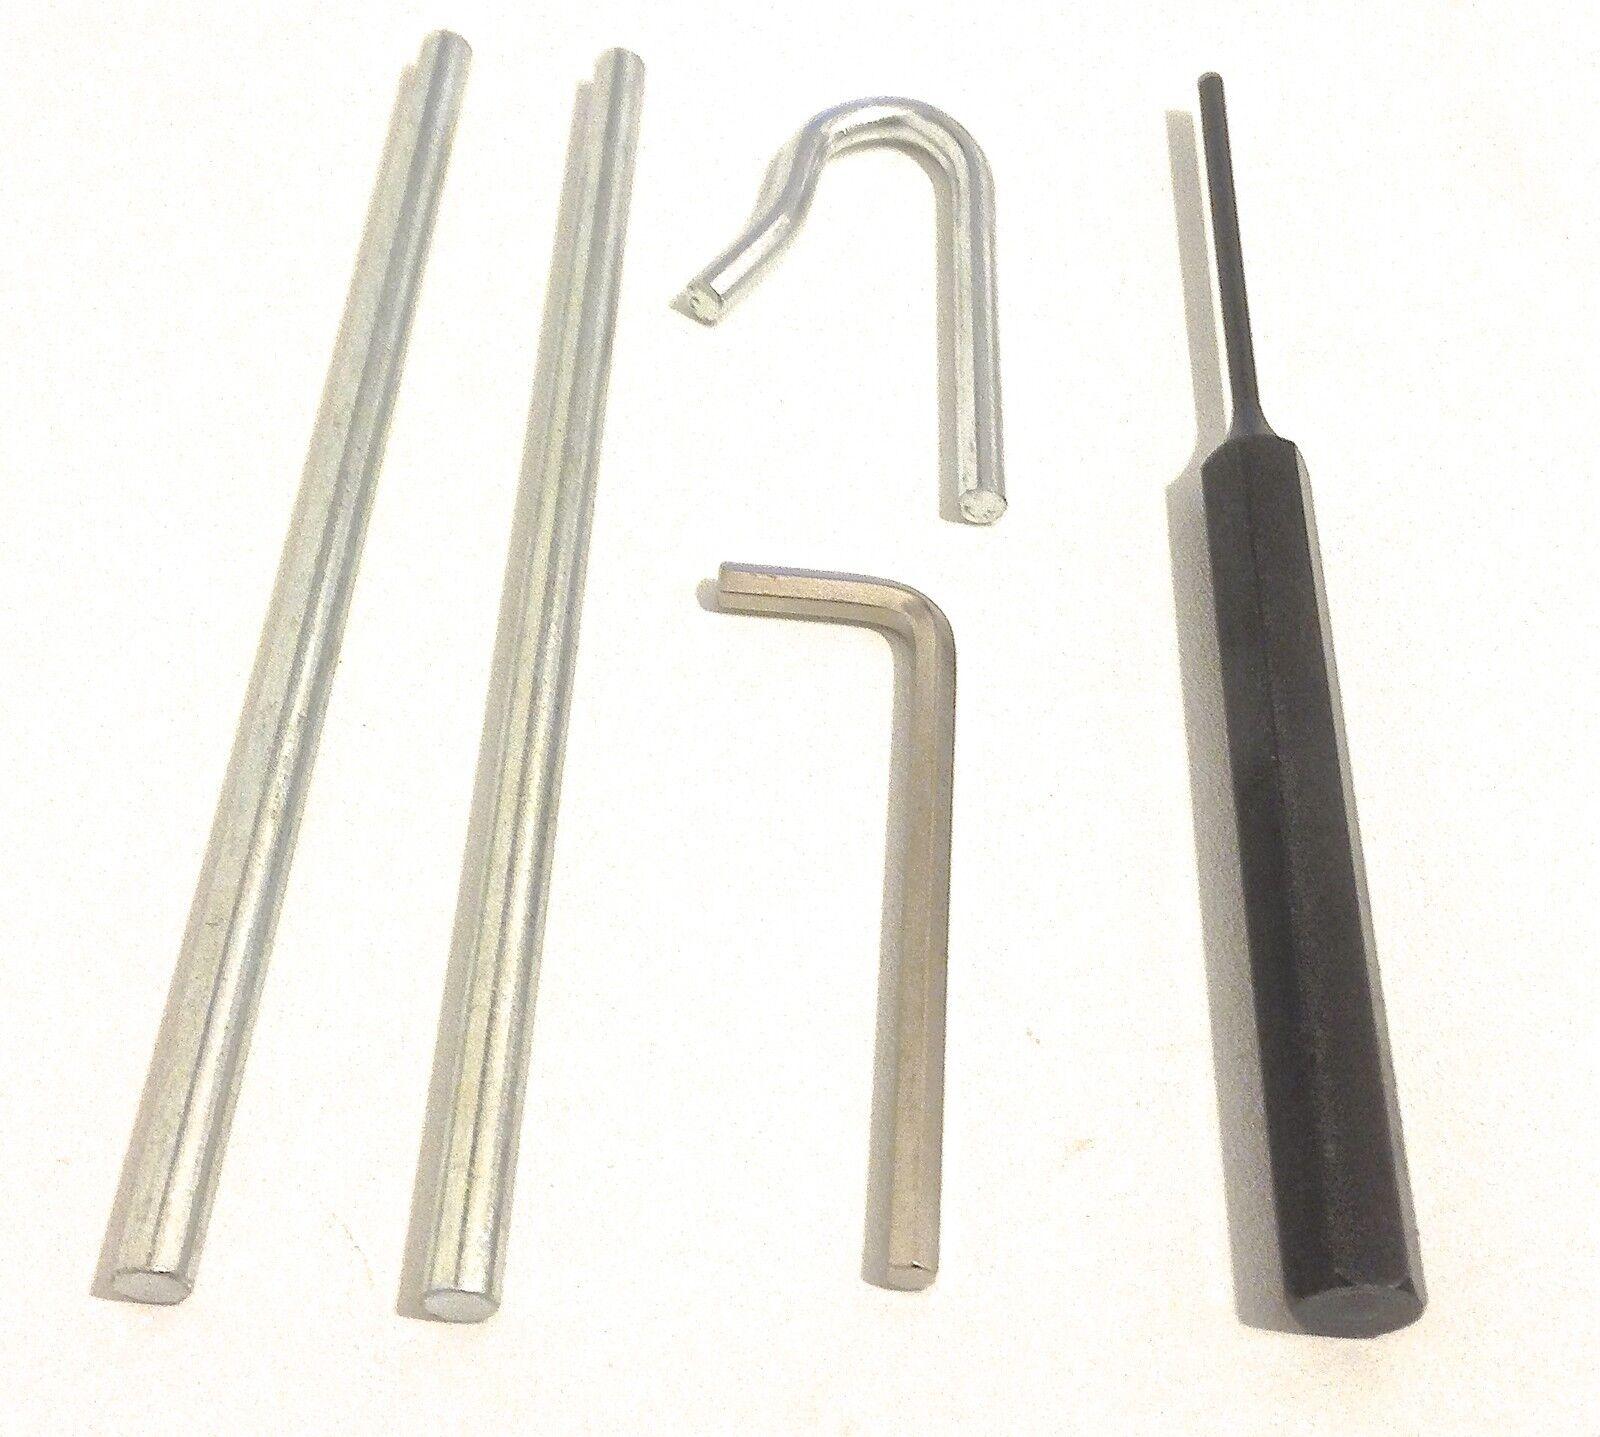 Henderson Merlin Garage Door Cones Cables Repair Tools 4mm